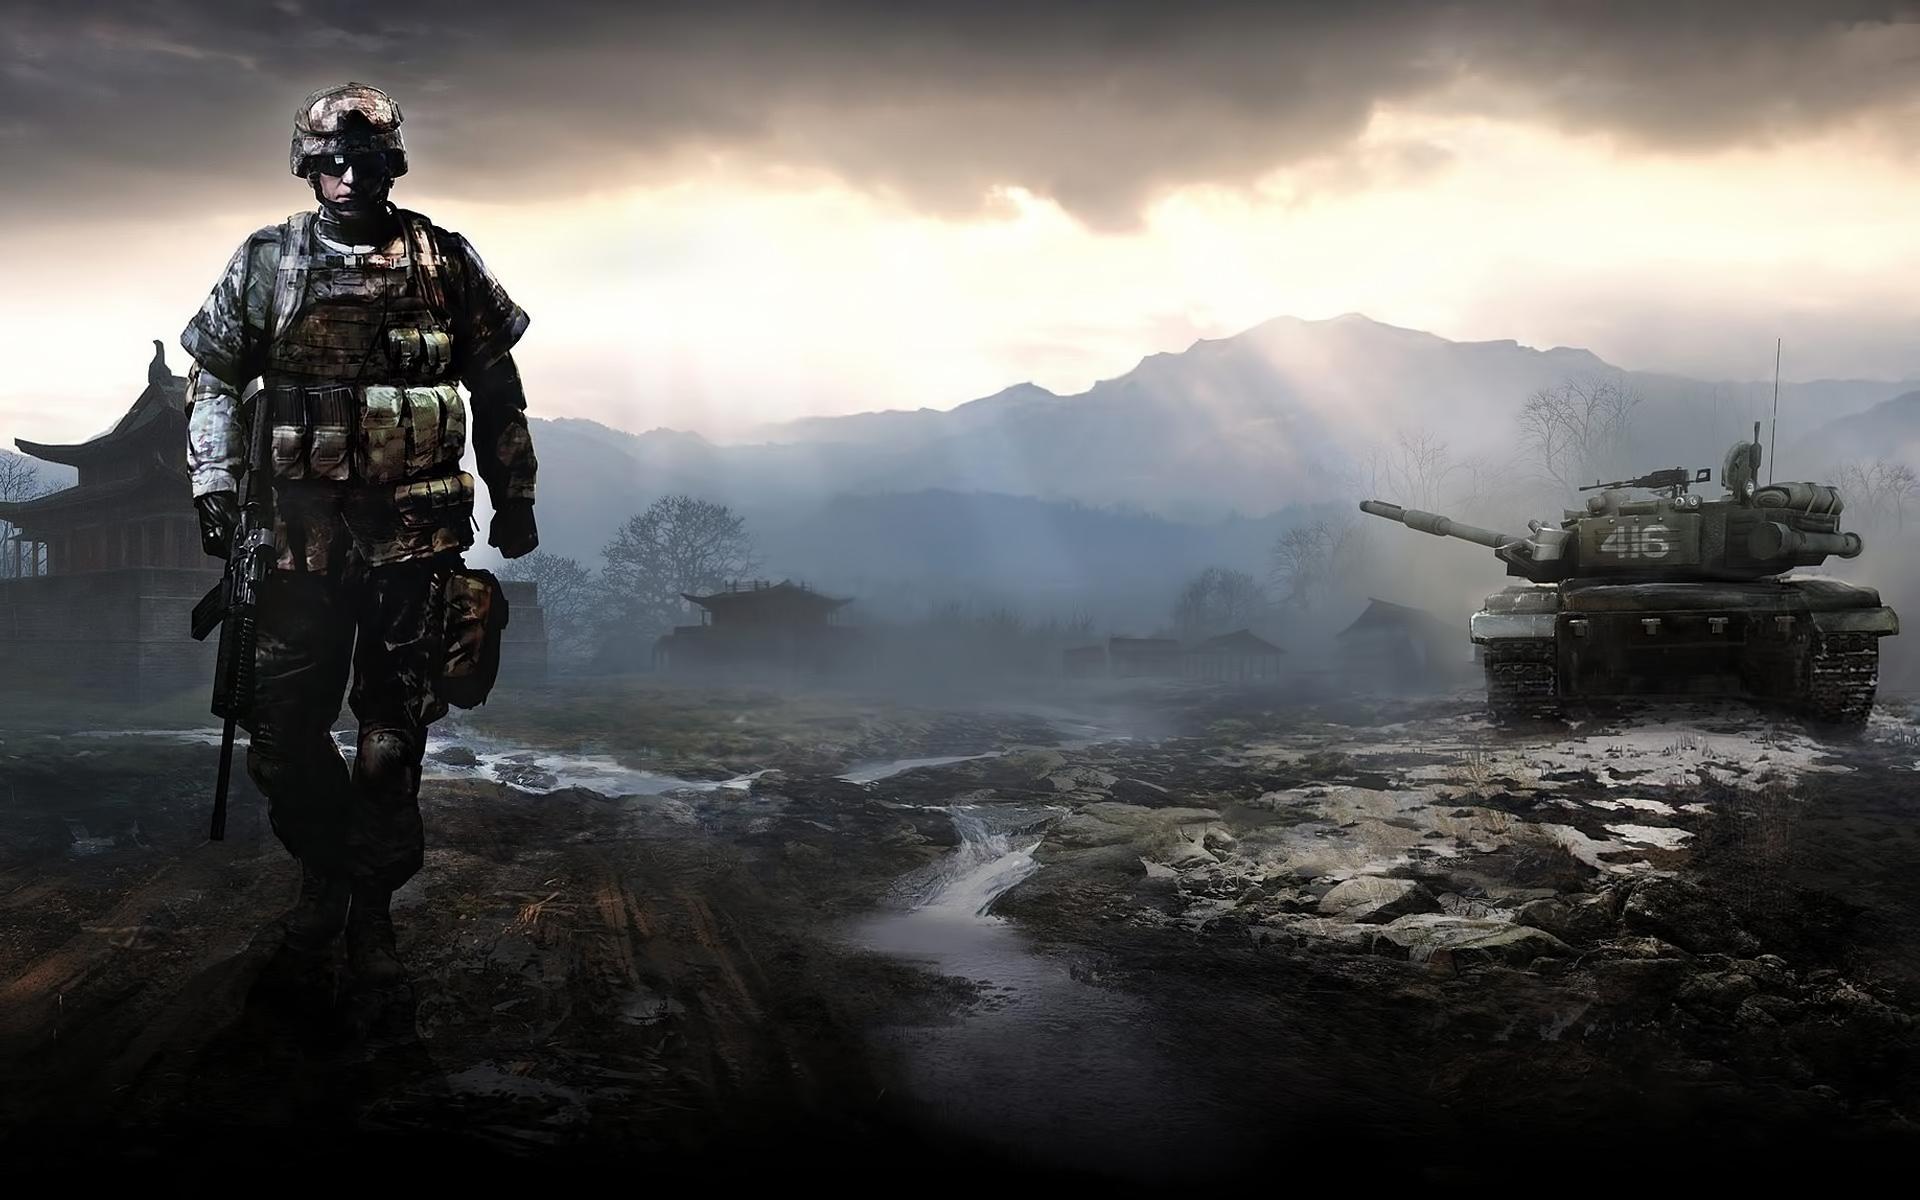 35748 Hintergrundbild herunterladen Spiele, Schlachtfeld - Bildschirmschoner und Bilder kostenlos